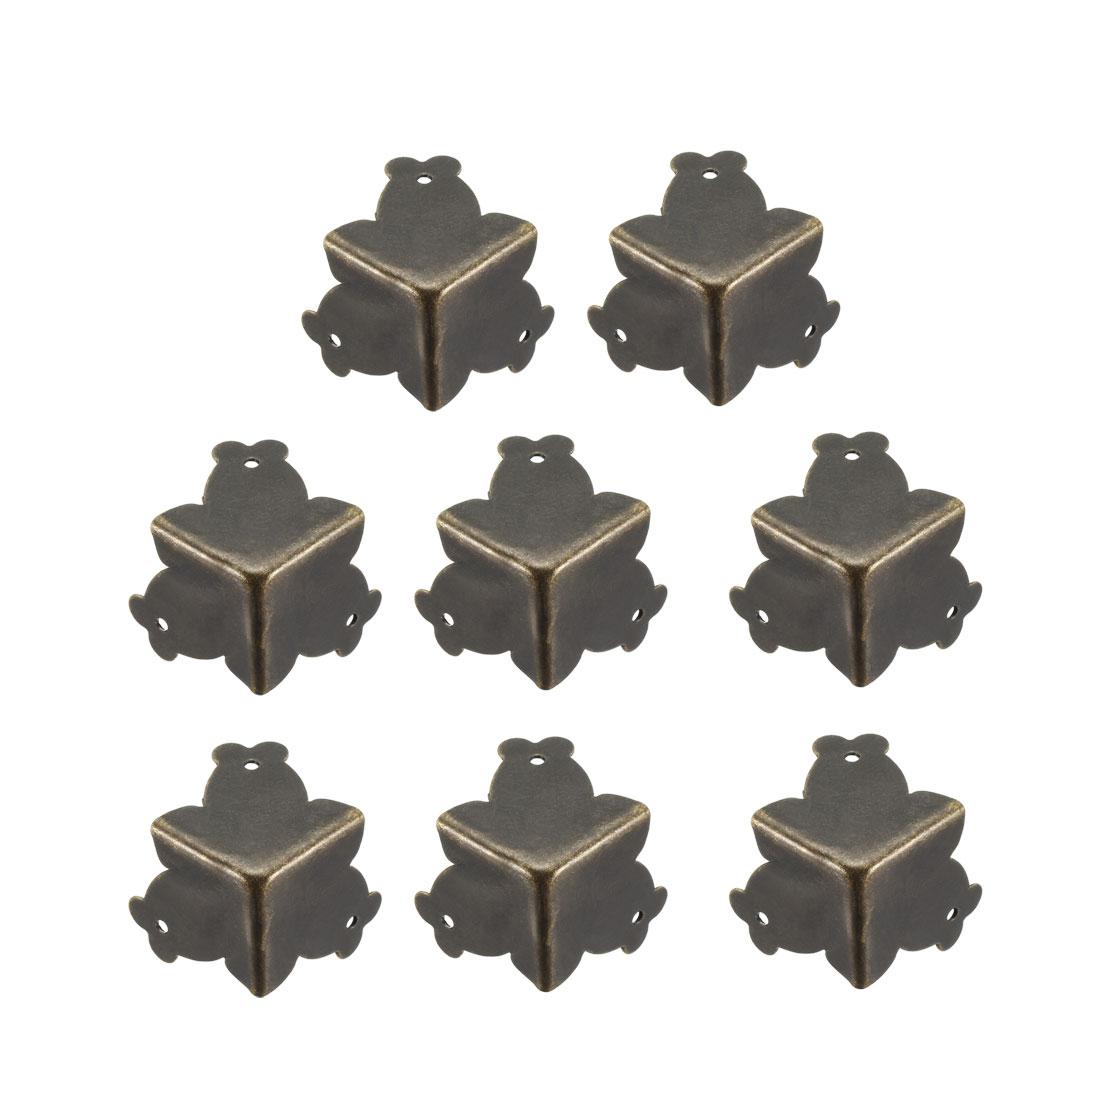 Metal Box Corner Protectors Edge Guard Protector 25x25x25mm Bronze Tone 8pcs